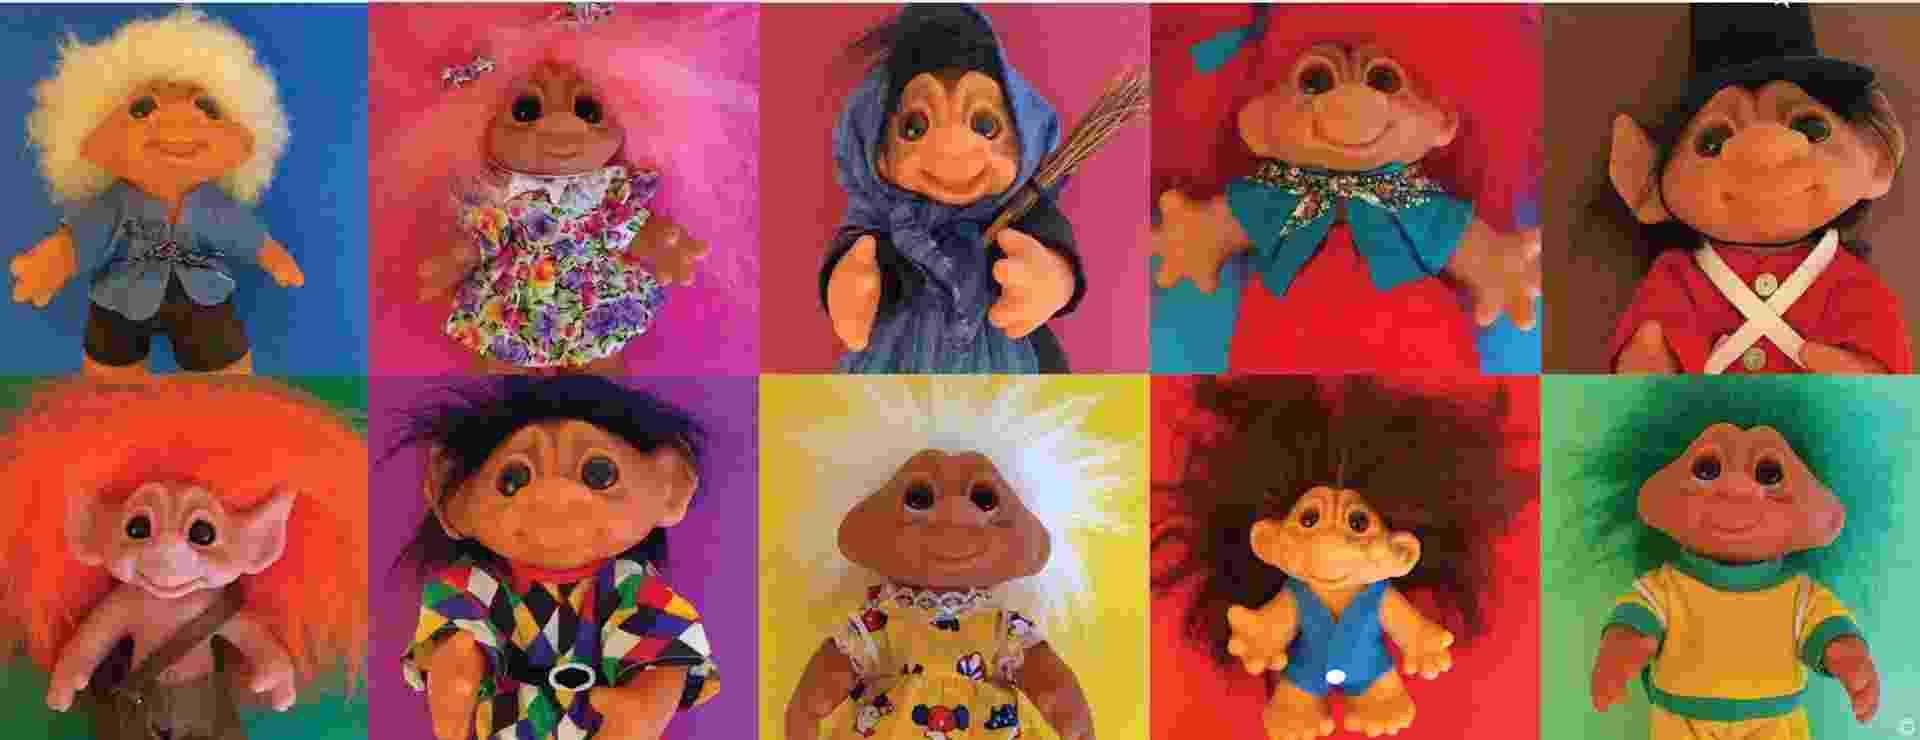 Trolls - brinquedo famoso de origem dinamarquesa - Reprodução/Facebook